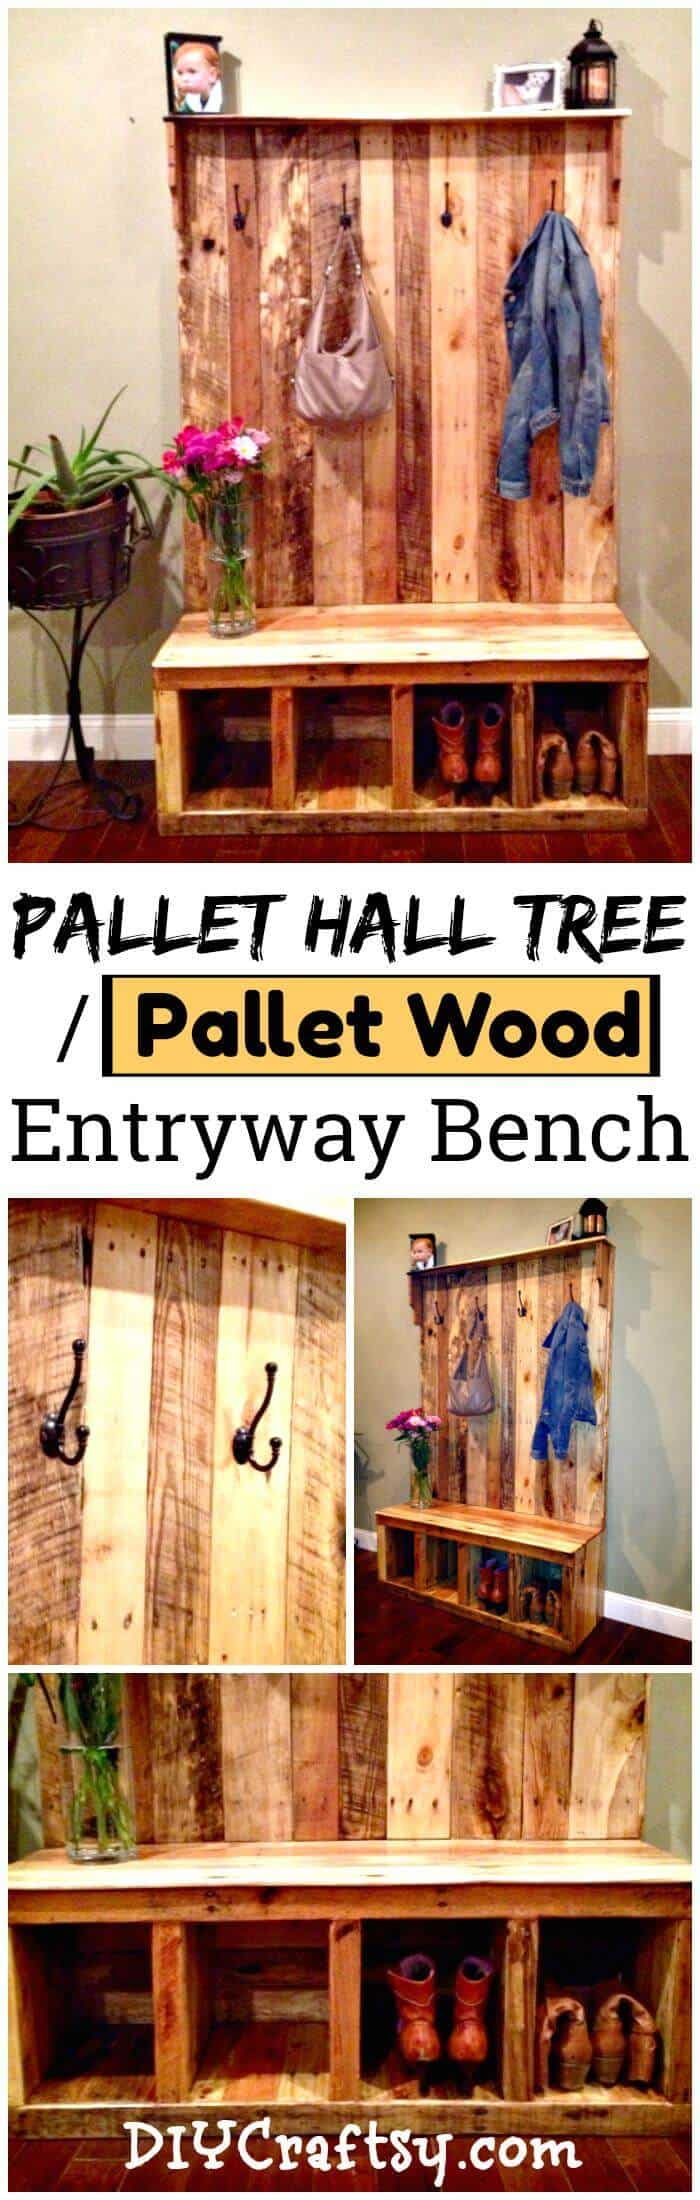 Haga bricolaje su propio árbol de pasillo de paleta o banco de entrada de madera de paleta